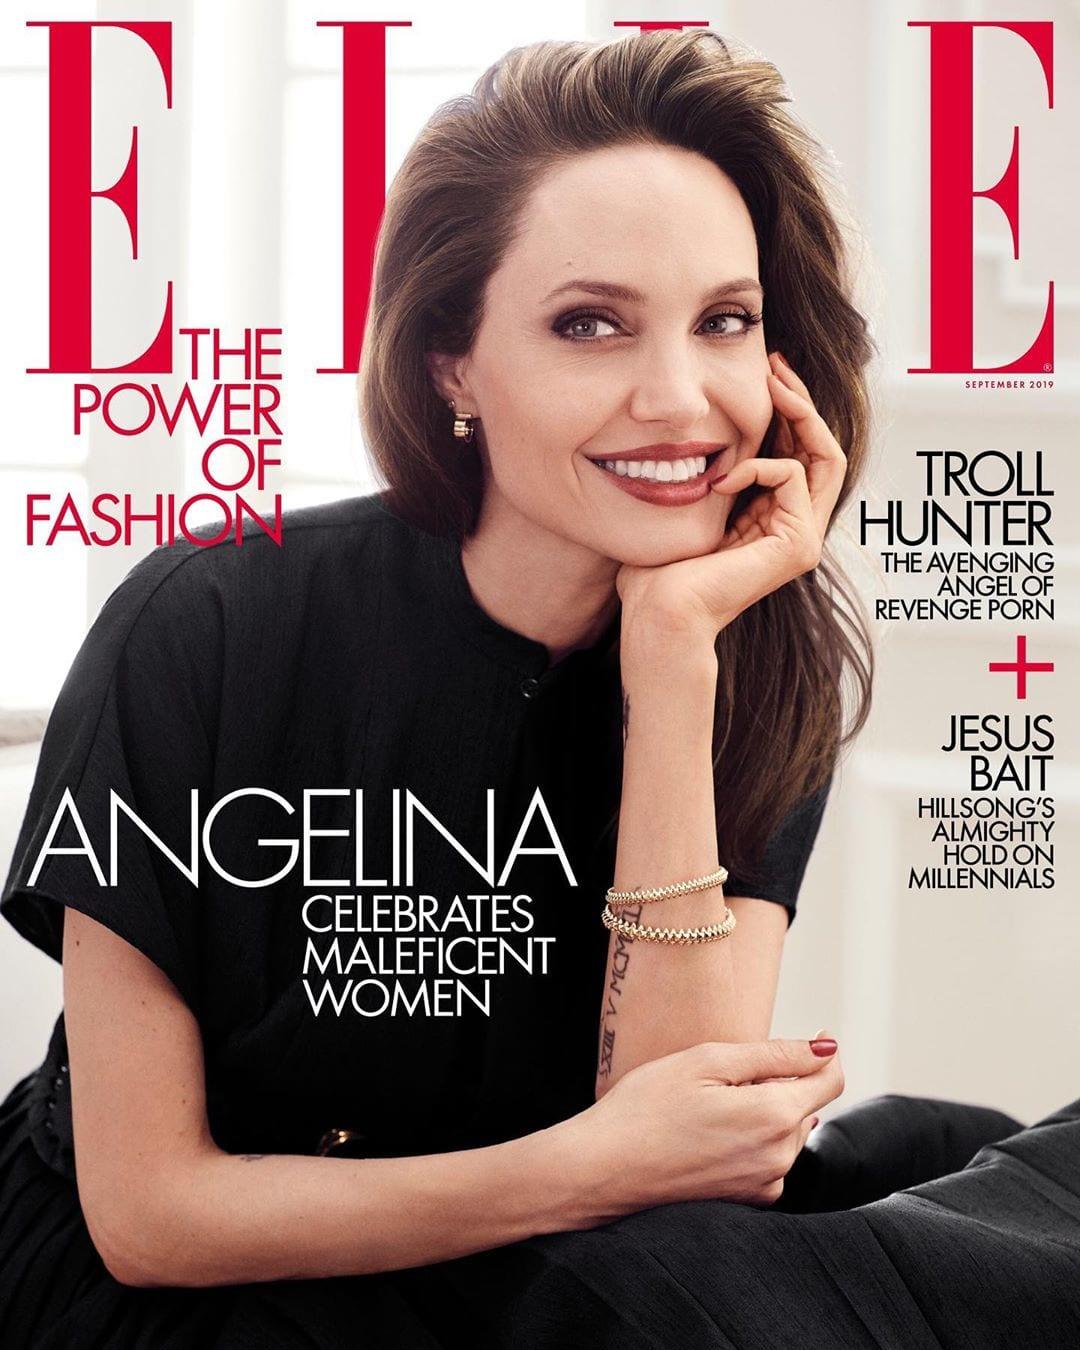 angelina-jolie-september-issue-elle